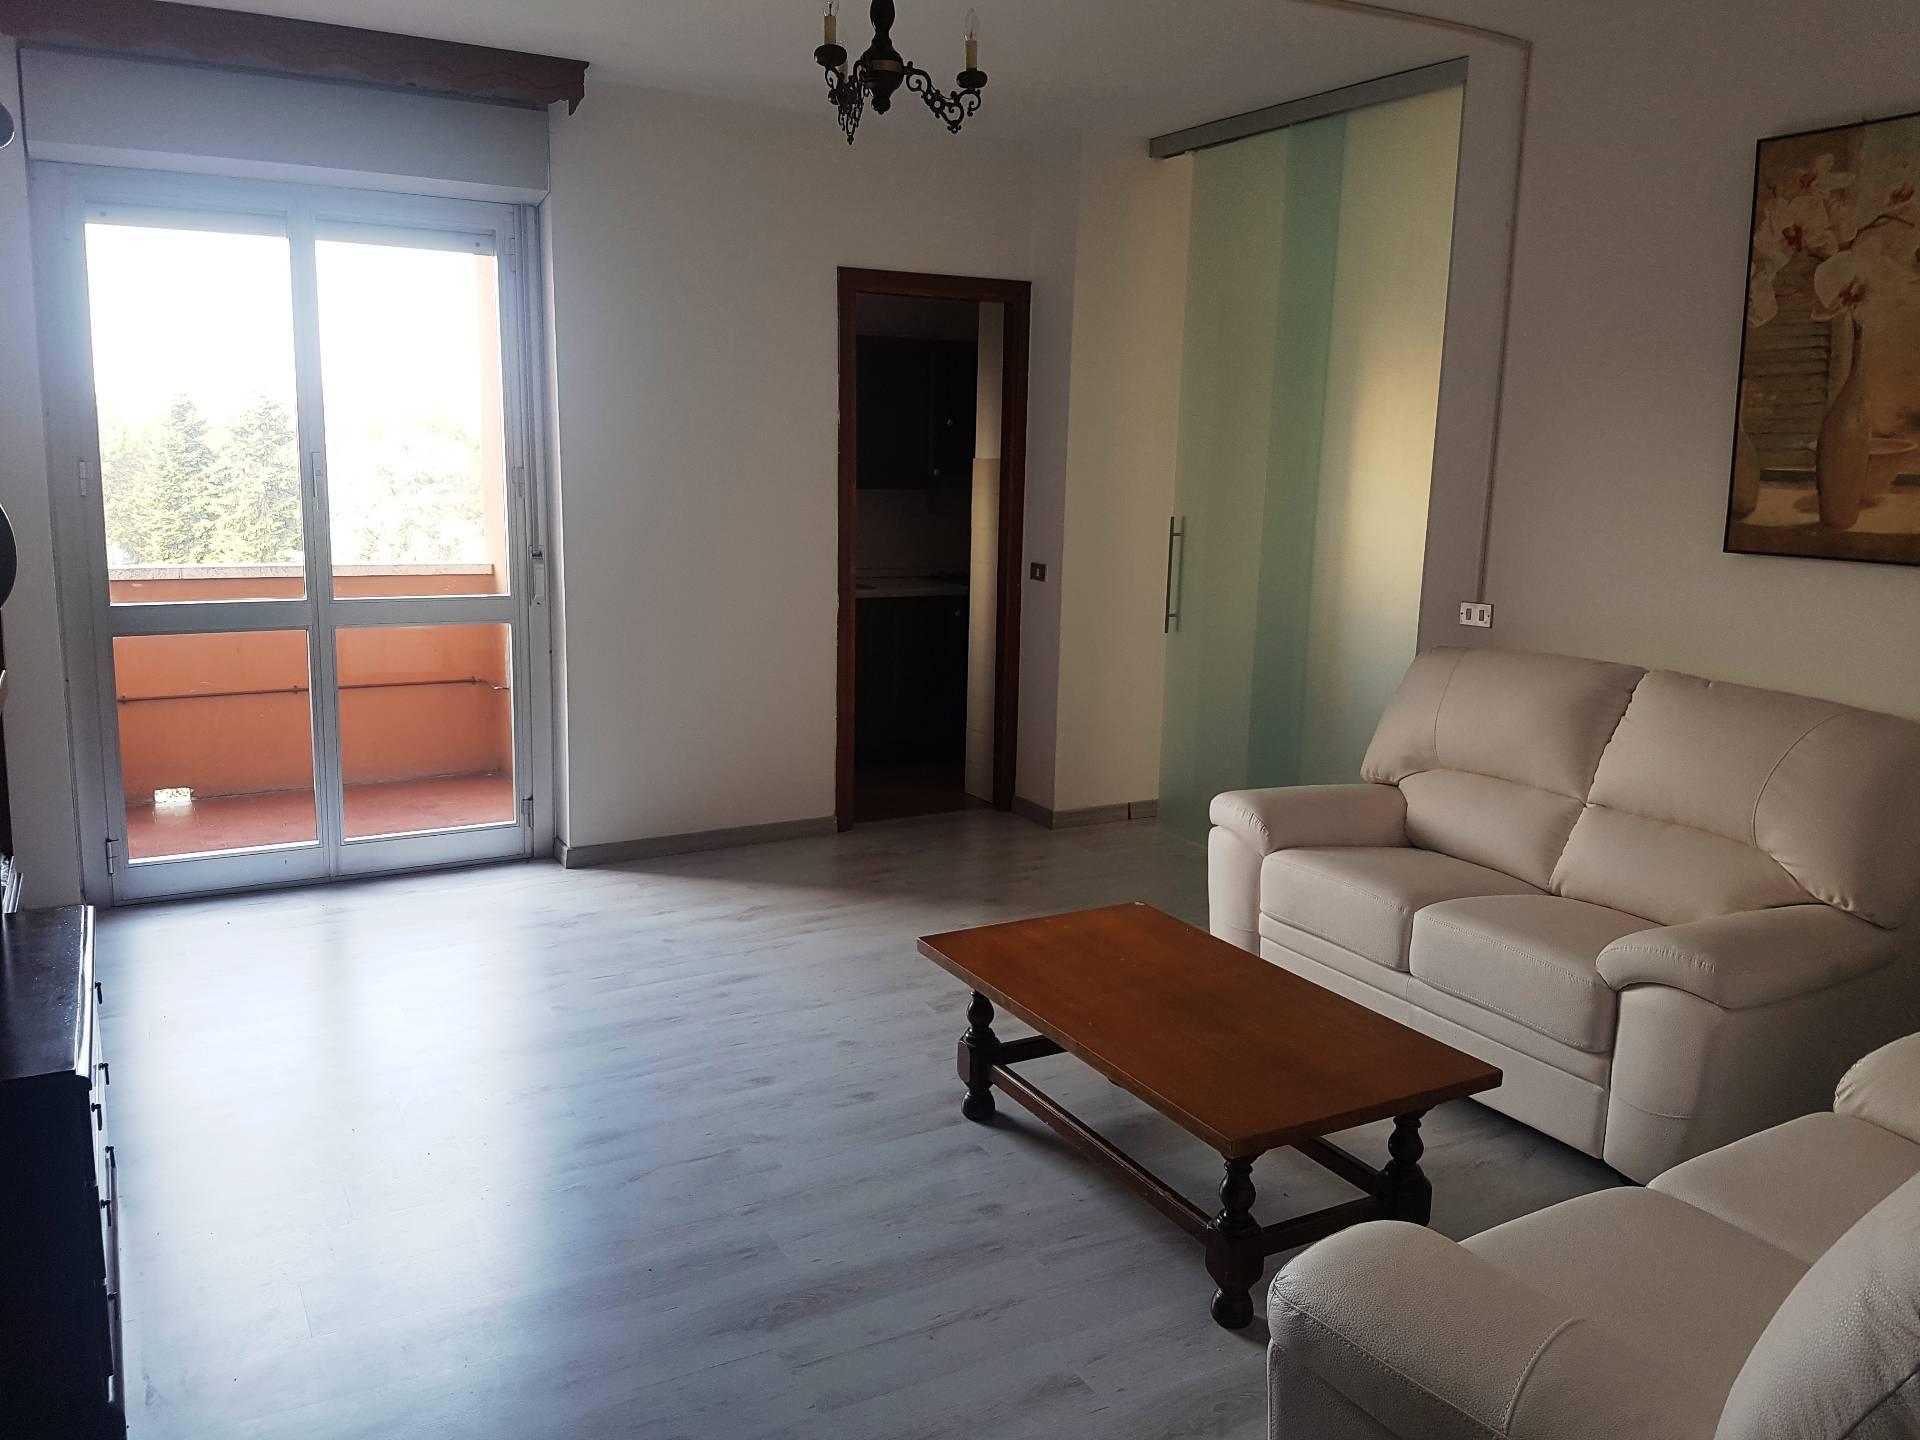 vendita appartamento alessandria galimberti  80000 euro  3 locali  80 mq